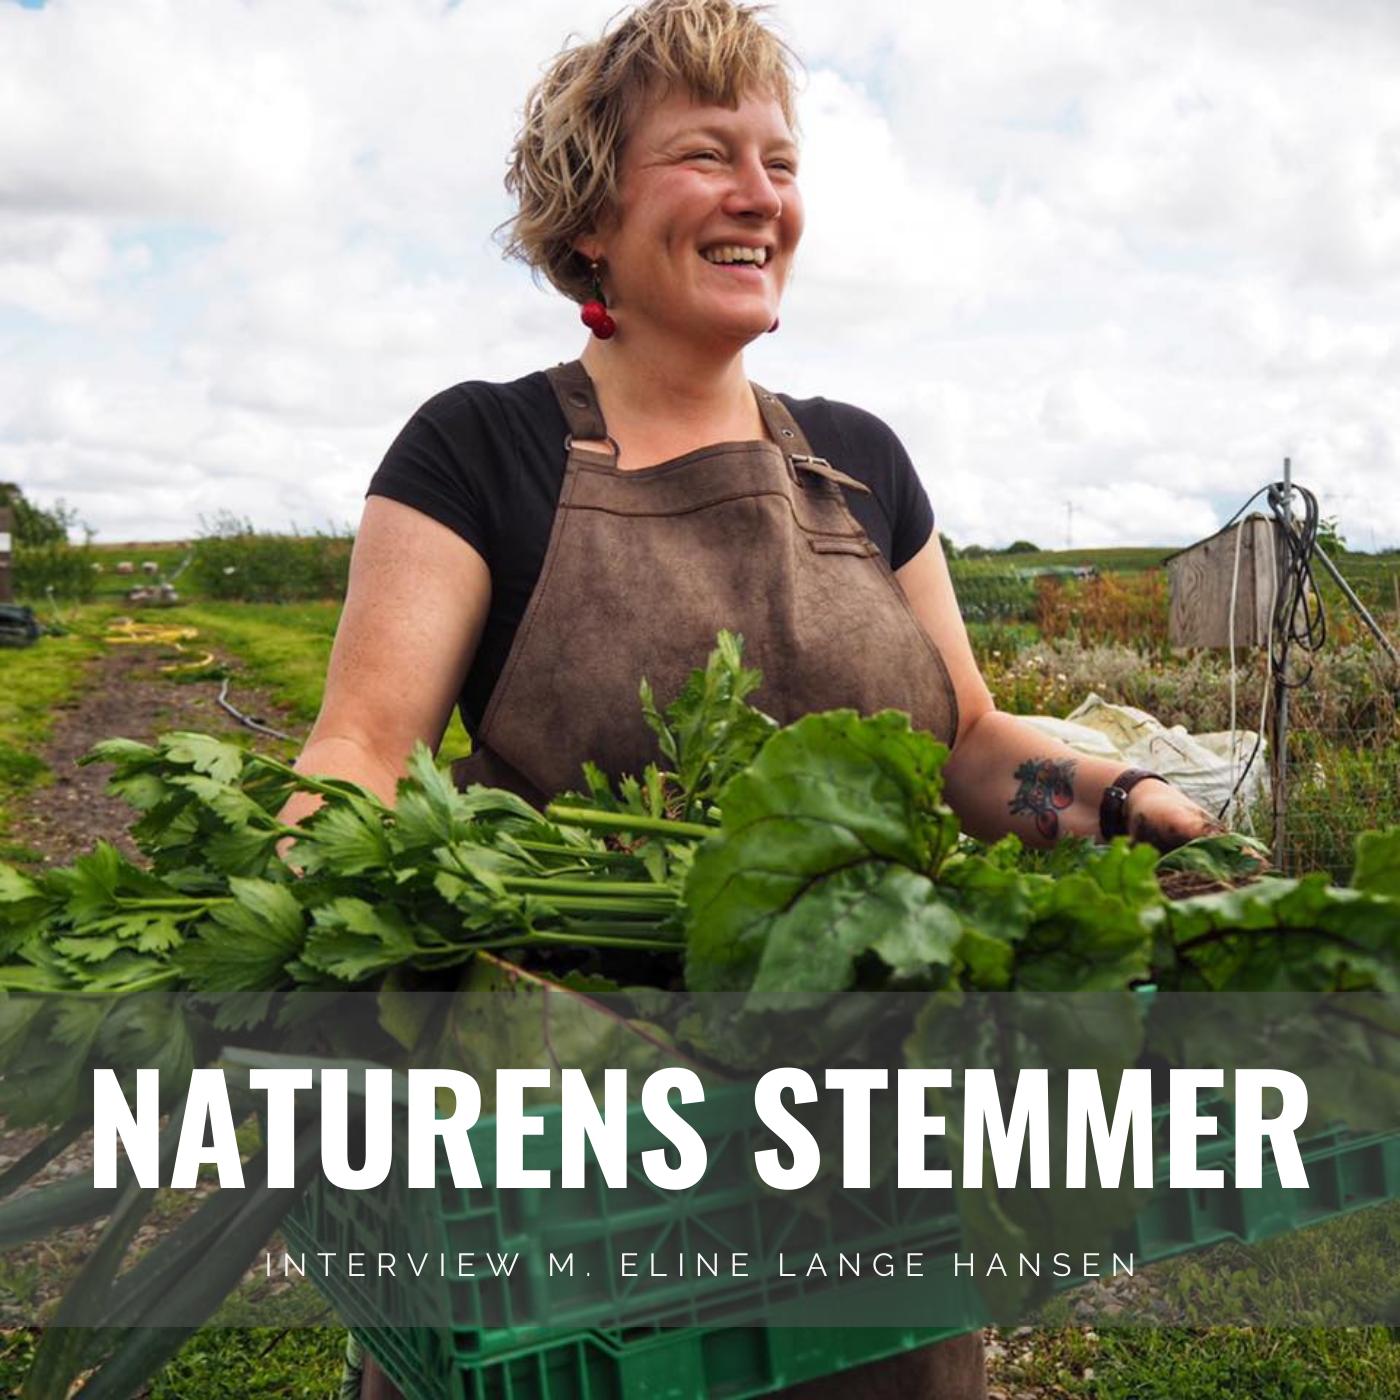 Eline Lange Hansen: Vores mad forbinder os med naturen